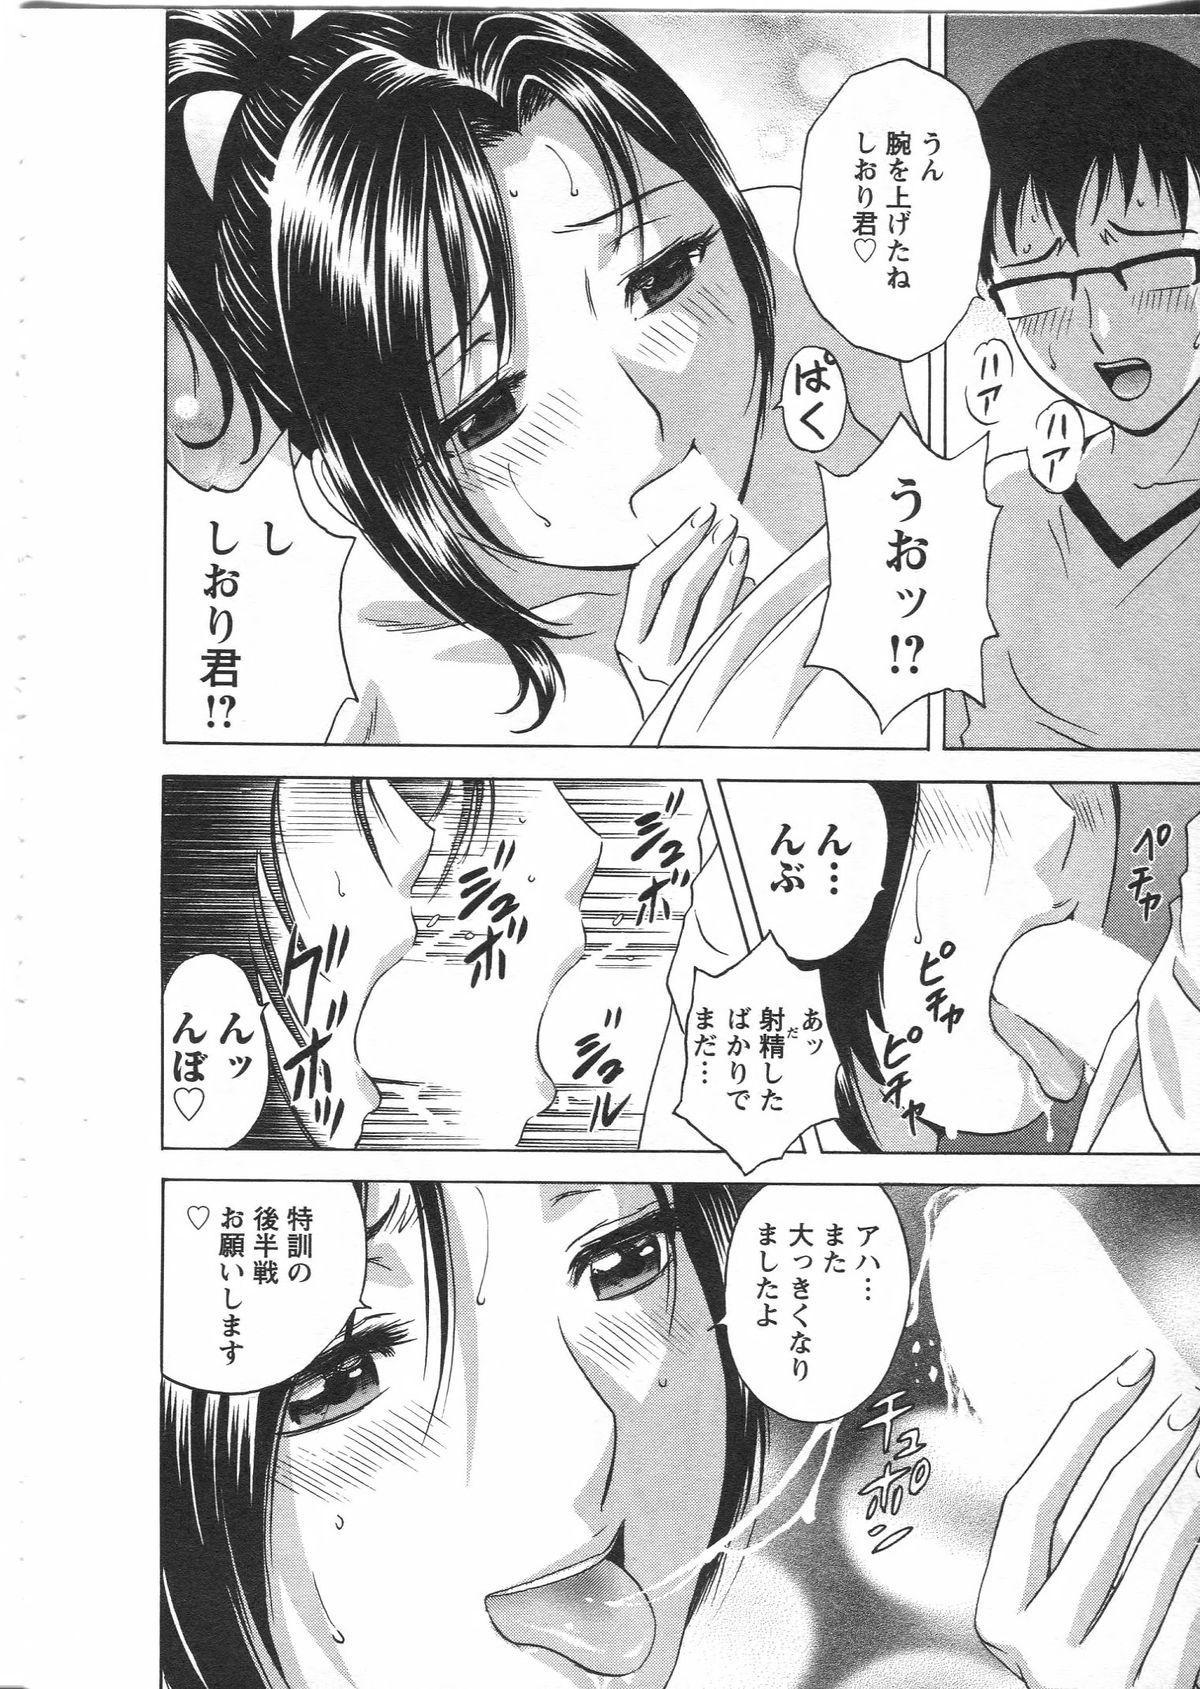 Manga no youna Hitozuma to no Hibi - Days with Married Women such as Comics. 91